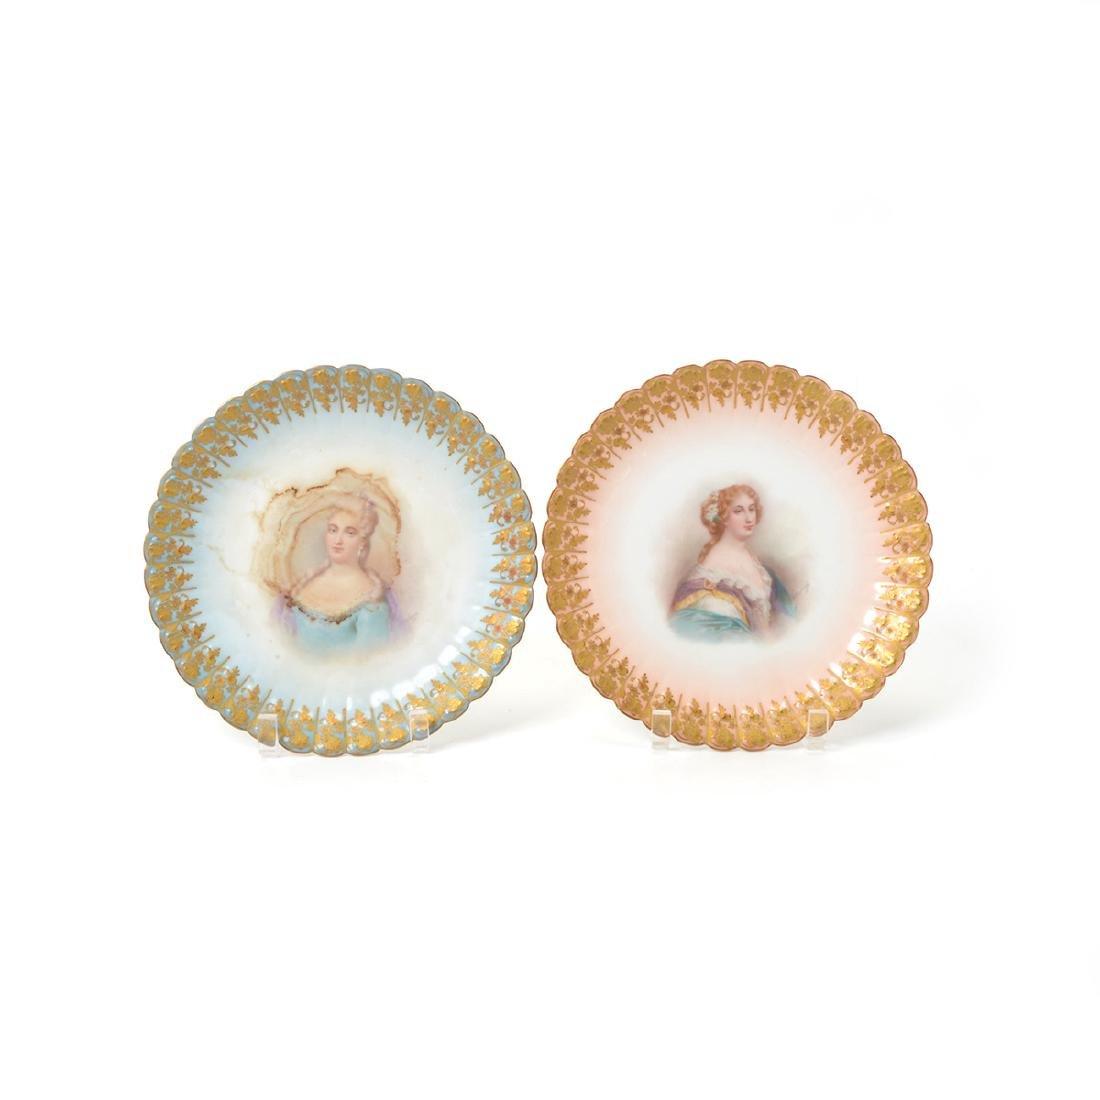 Set of Twelve Sevres Style Porcelain Cabinet Plates, - 4